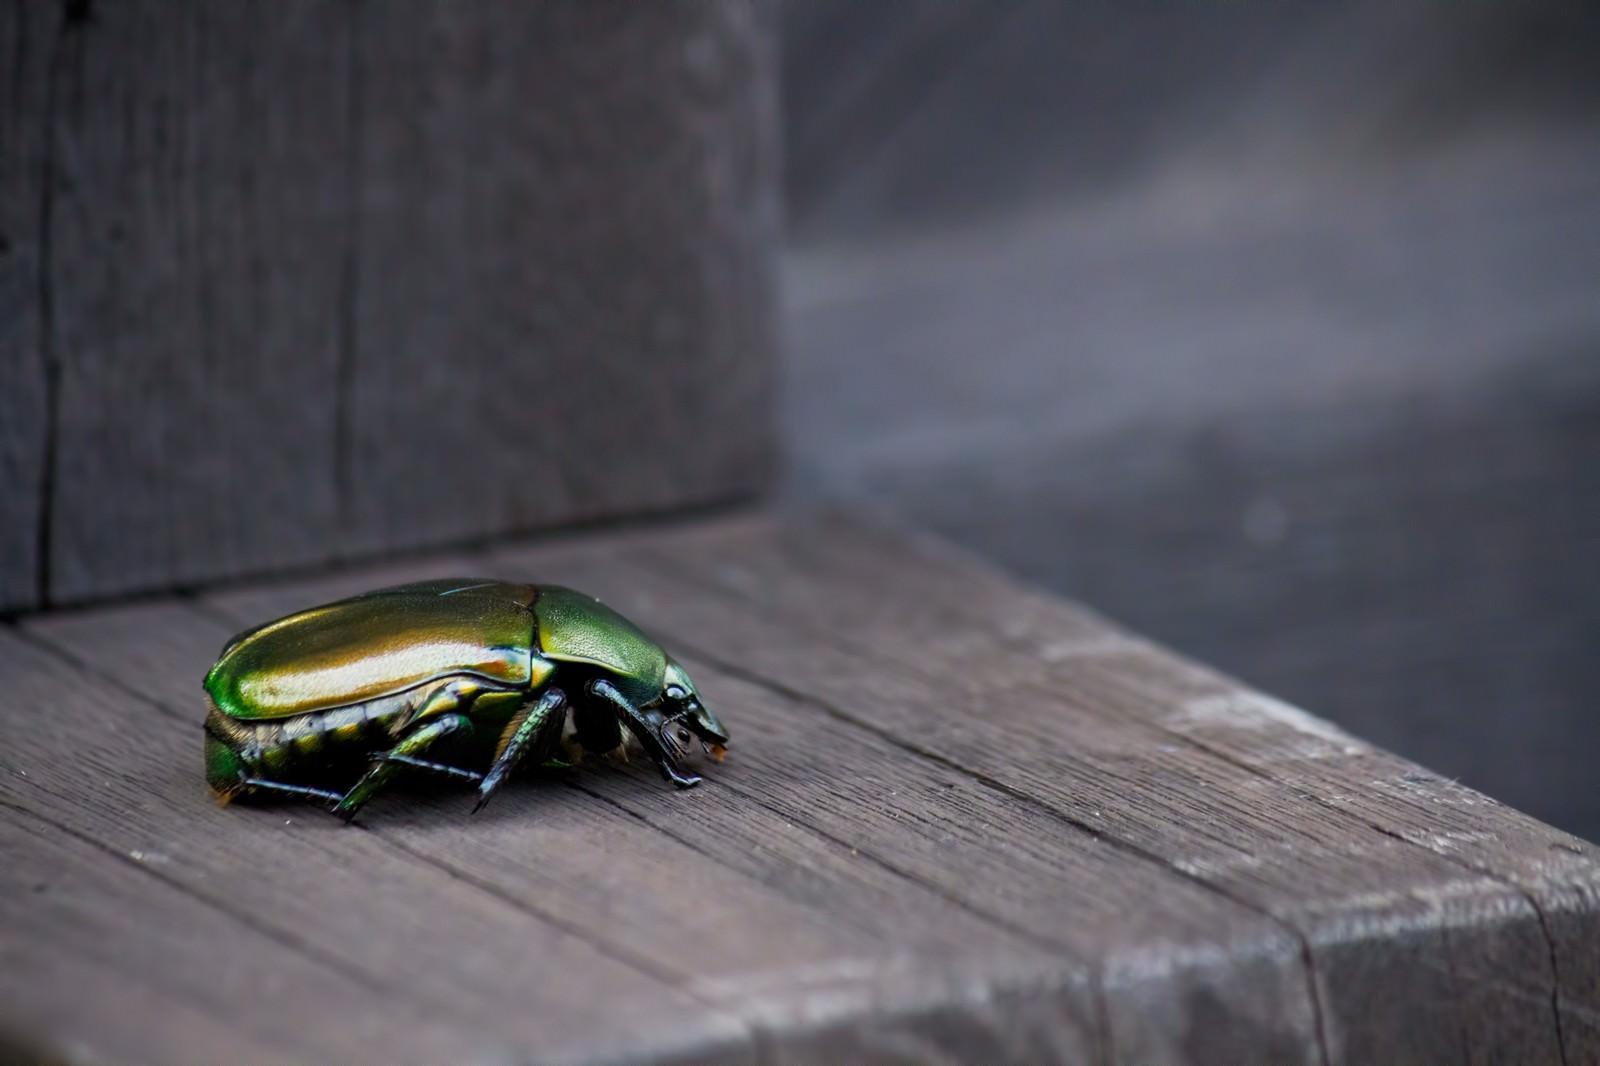 「緑色のコガネムシ」の写真